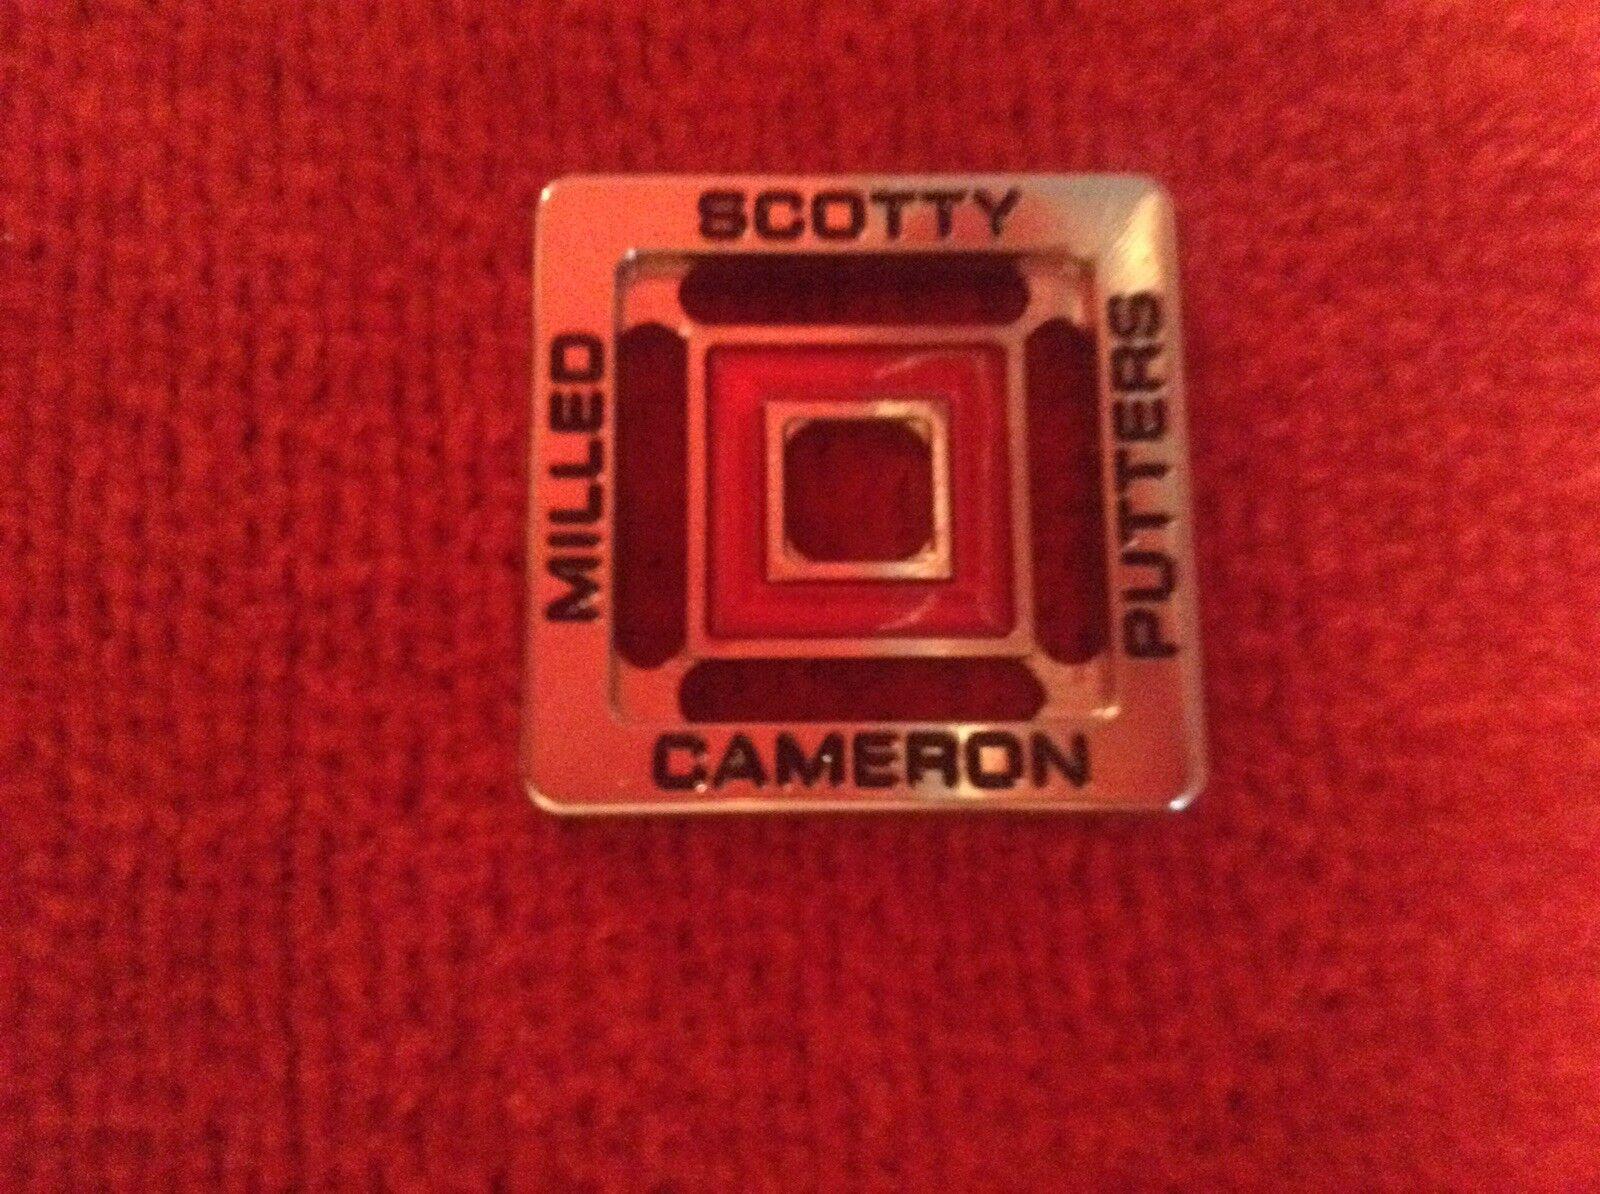 Scotty Cameron ballmarker, Envío Gratis